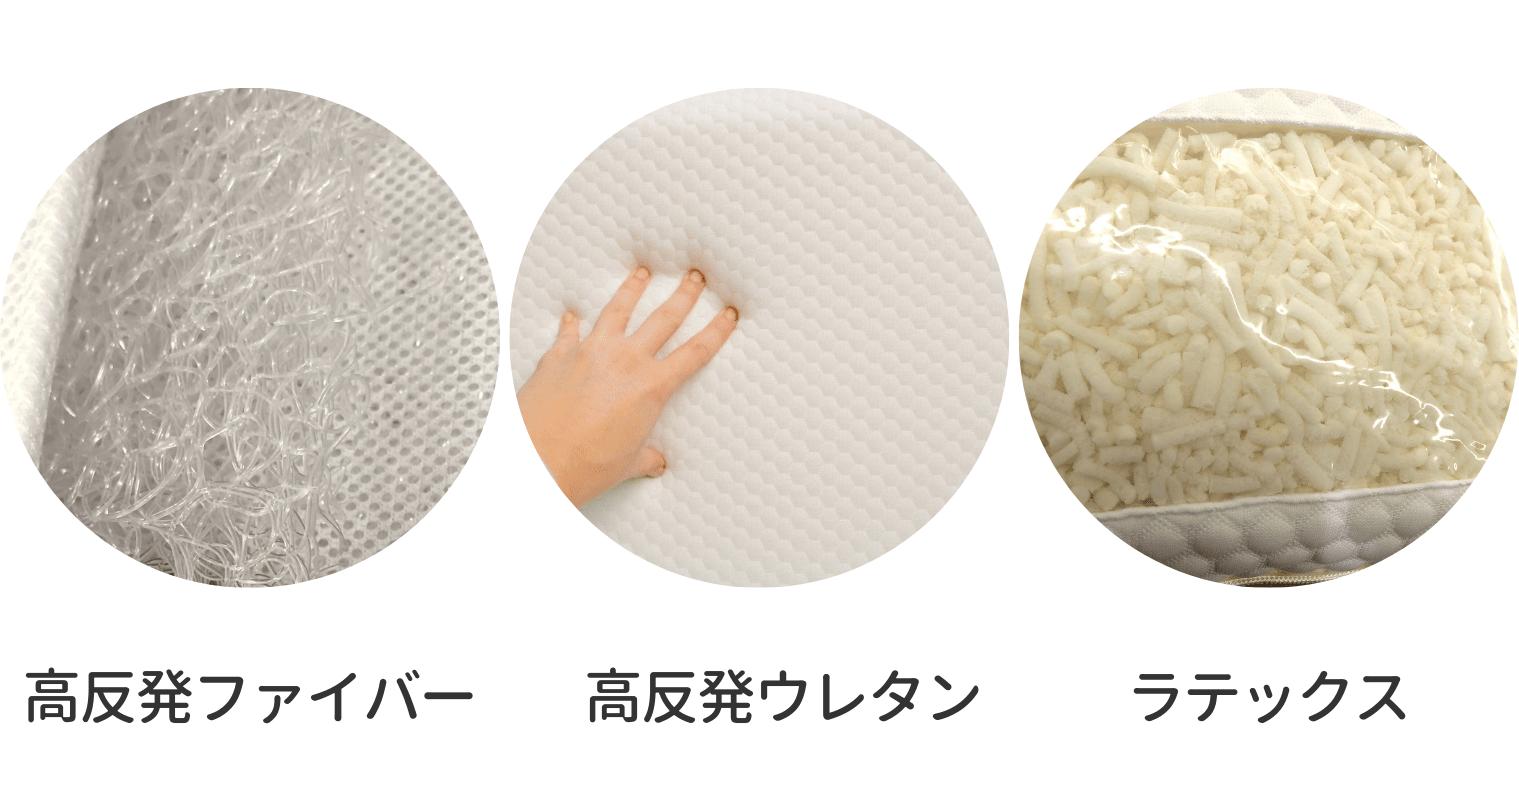 おすすめの枕の素材